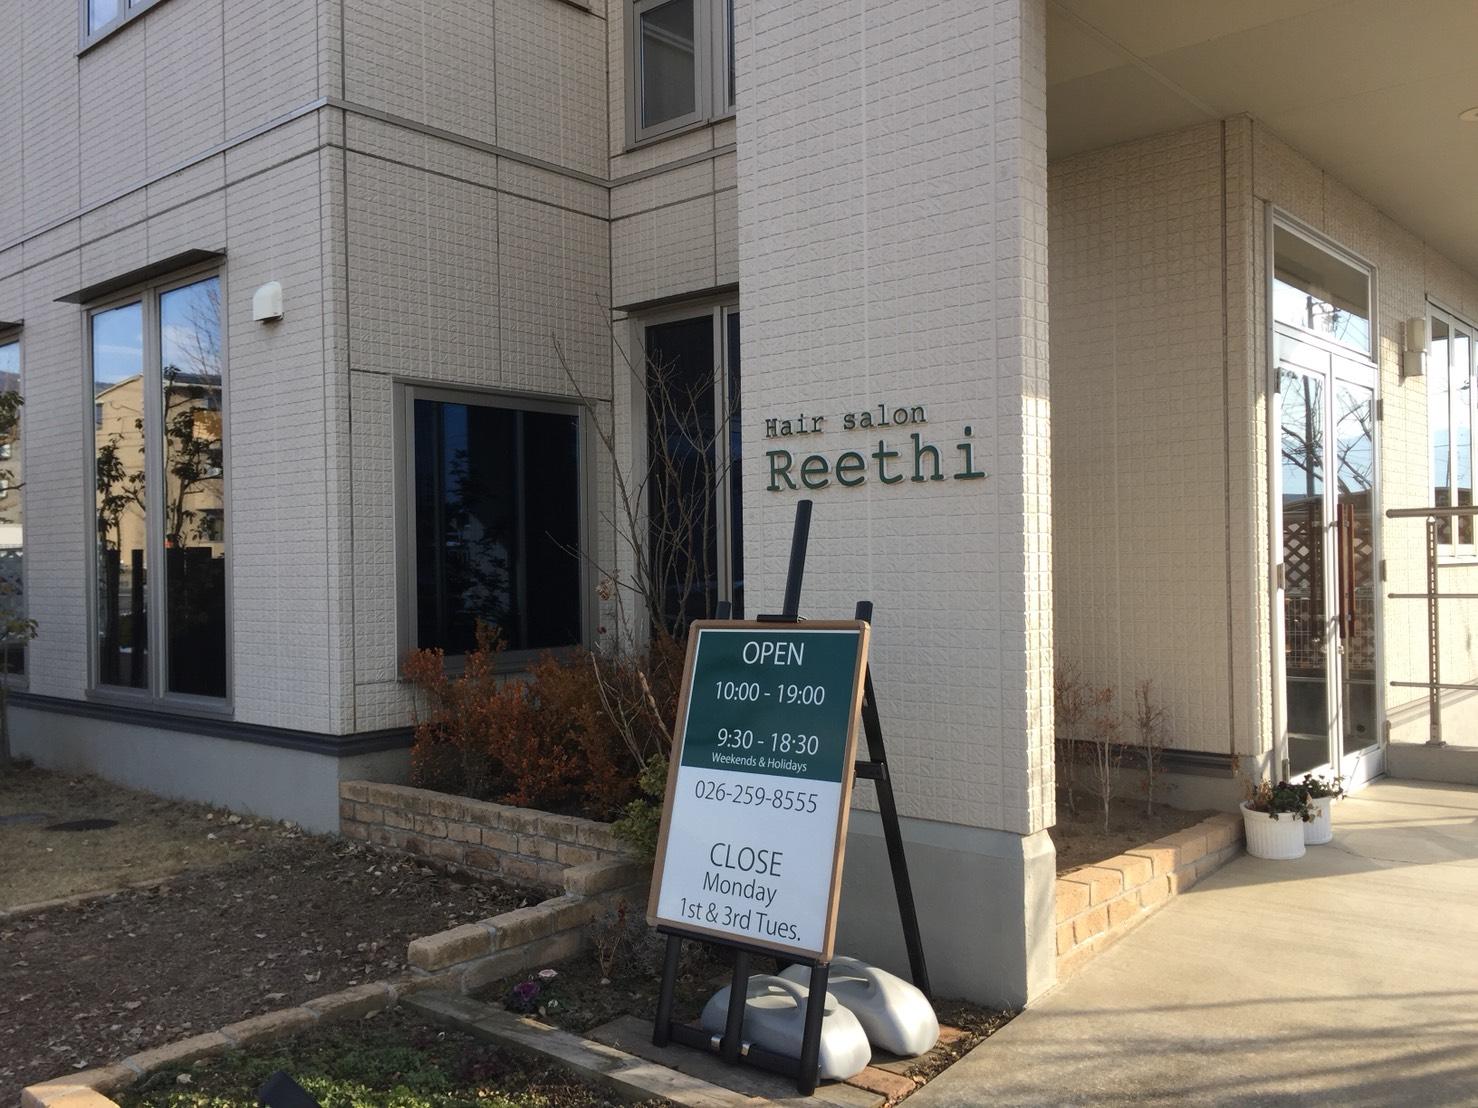 成功店の声 ヘアーサロン 「リーティ」・エステ部門開業で、売上大幅アップ!